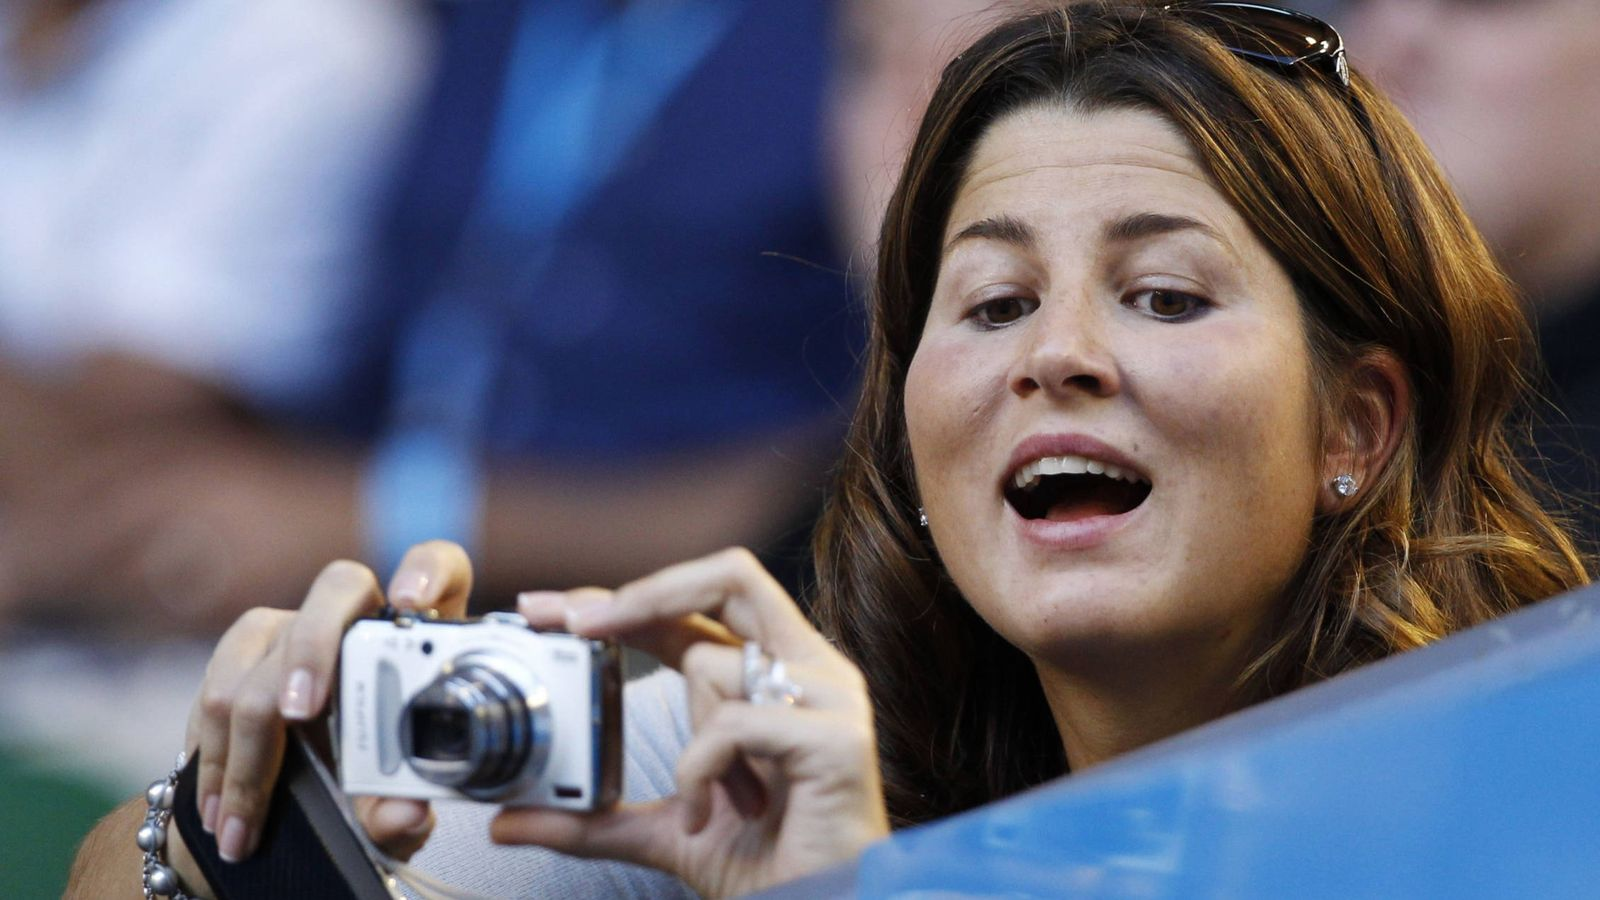 Foto:  Mirka, la mujer de Federer, le sigue por los torneos. (Reuters)